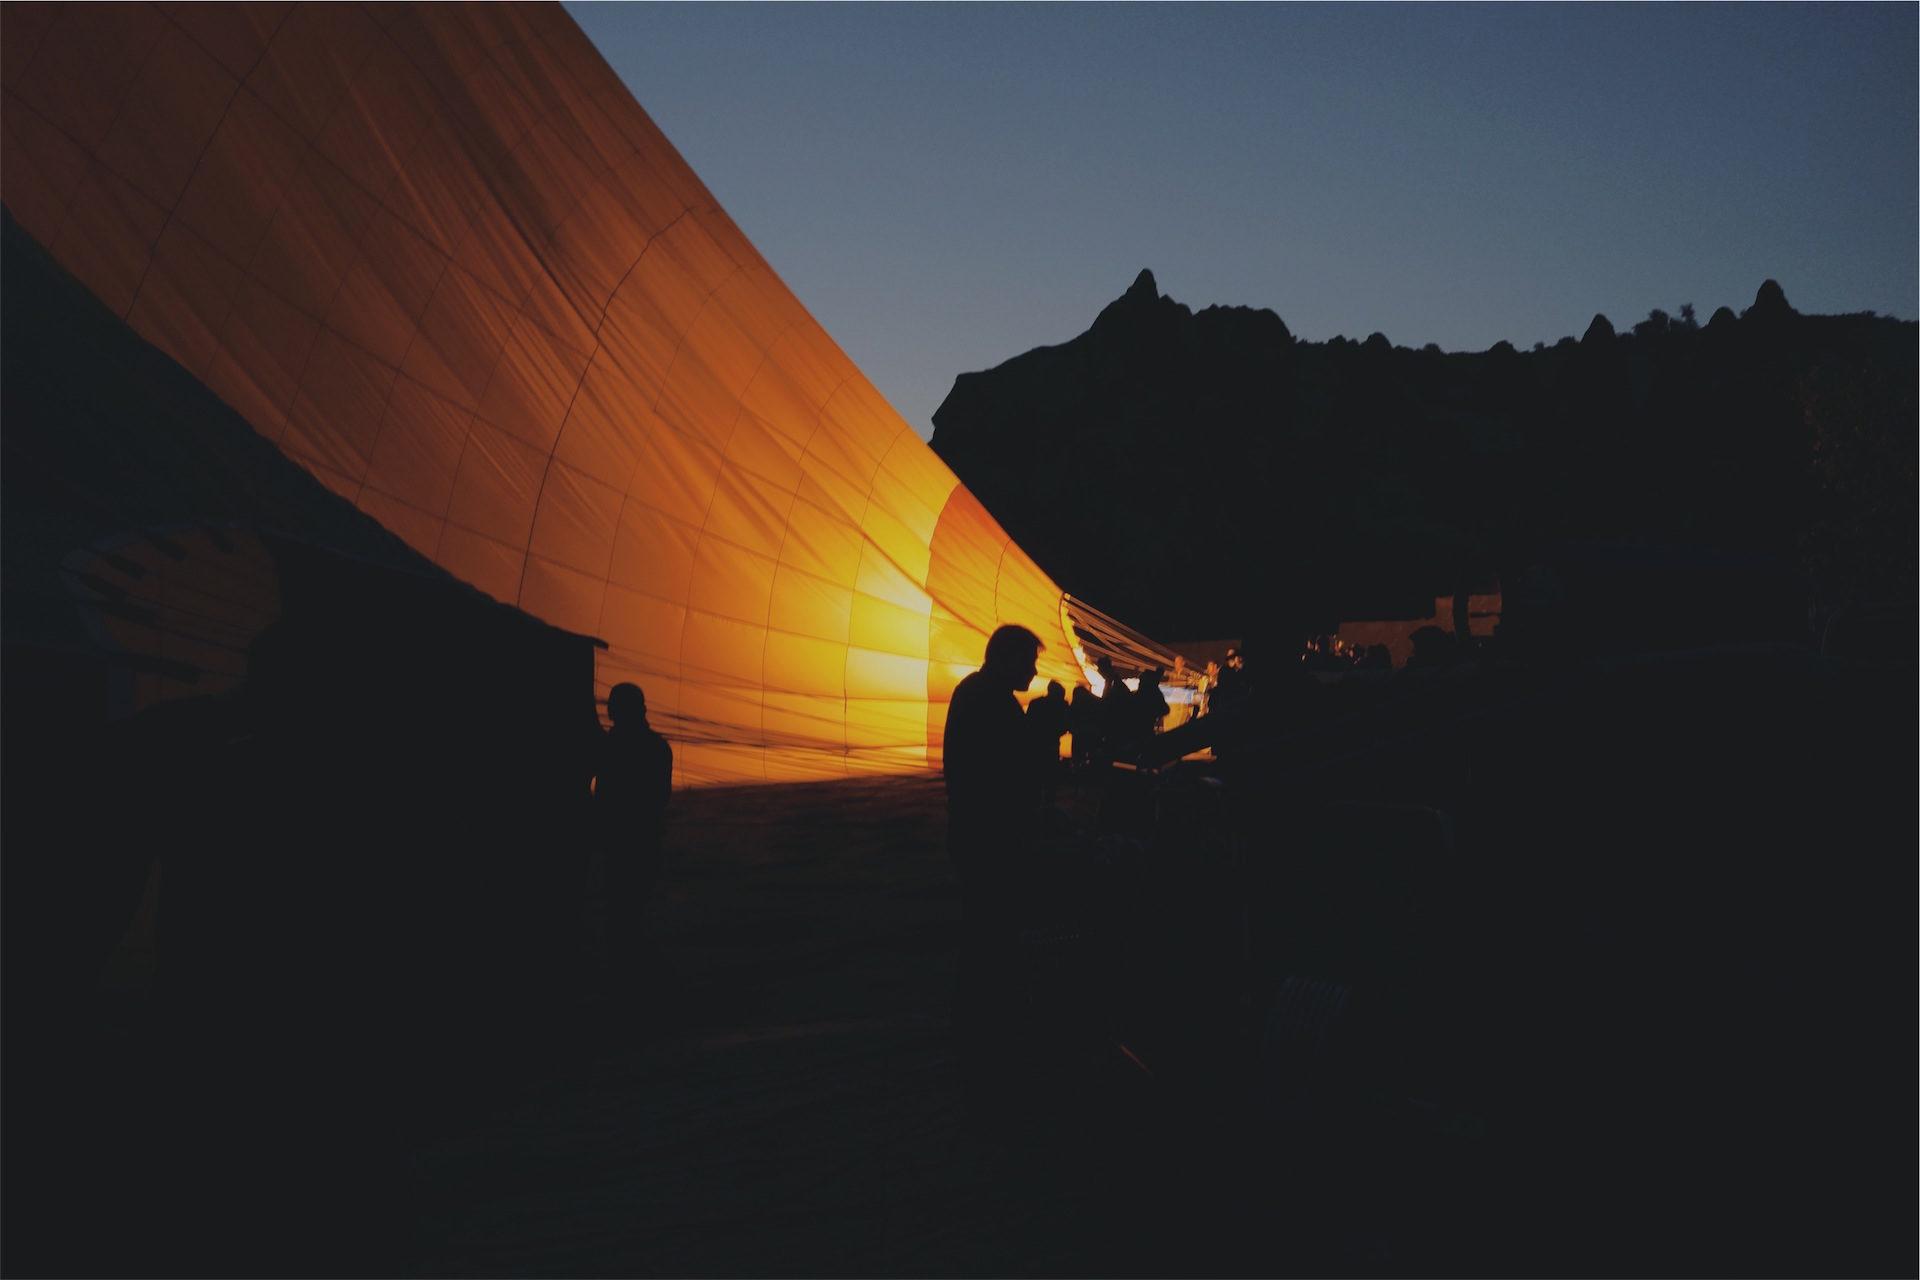 воздушный шар, aeroestático, огонь, воздух, Муха - Обои HD - Профессор falken.com